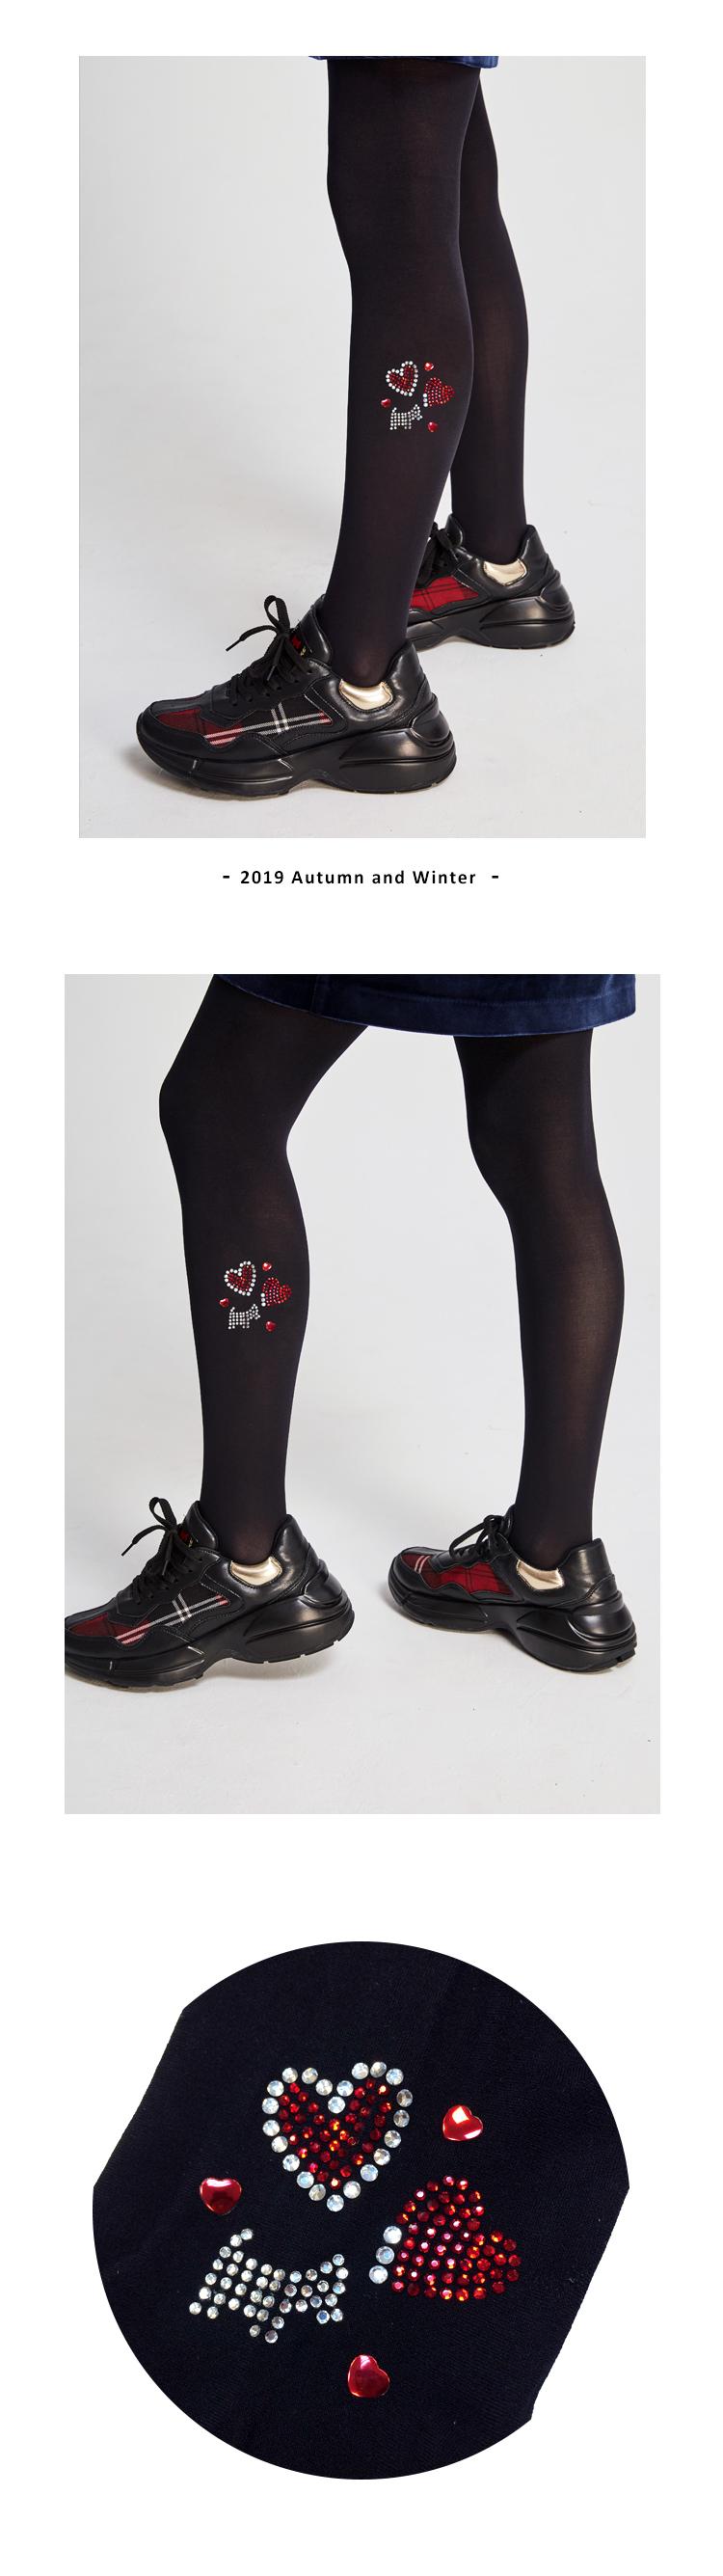 熱情心型排鑽褲襪 Scottish House【AJ6204】